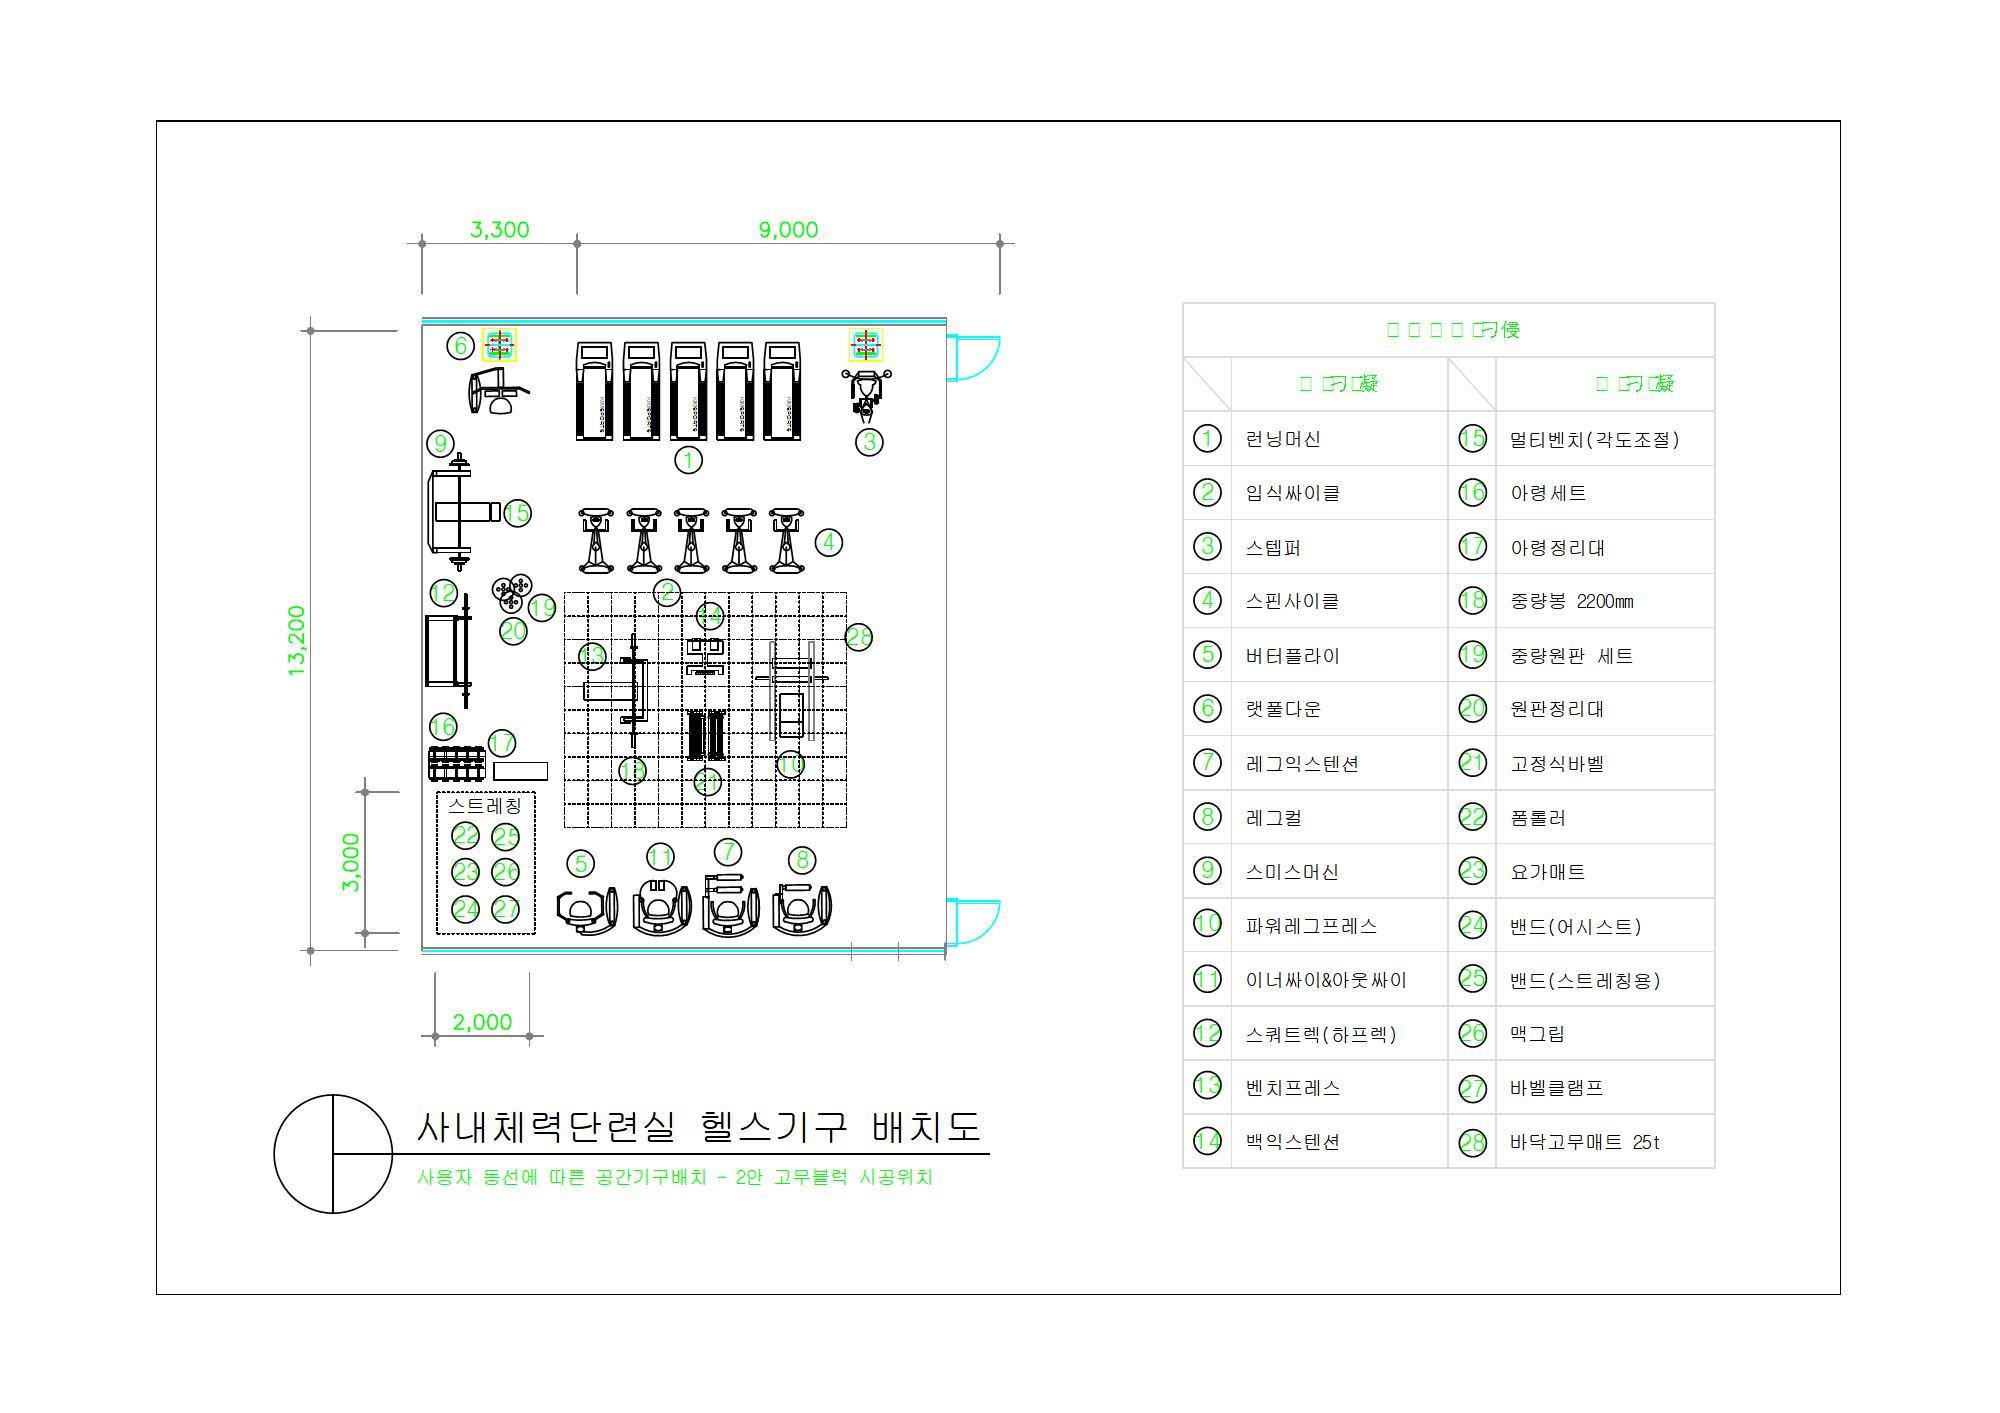 킴스포츠-헬스기구배치도-Model-2안(고무블럭)_1.jpg